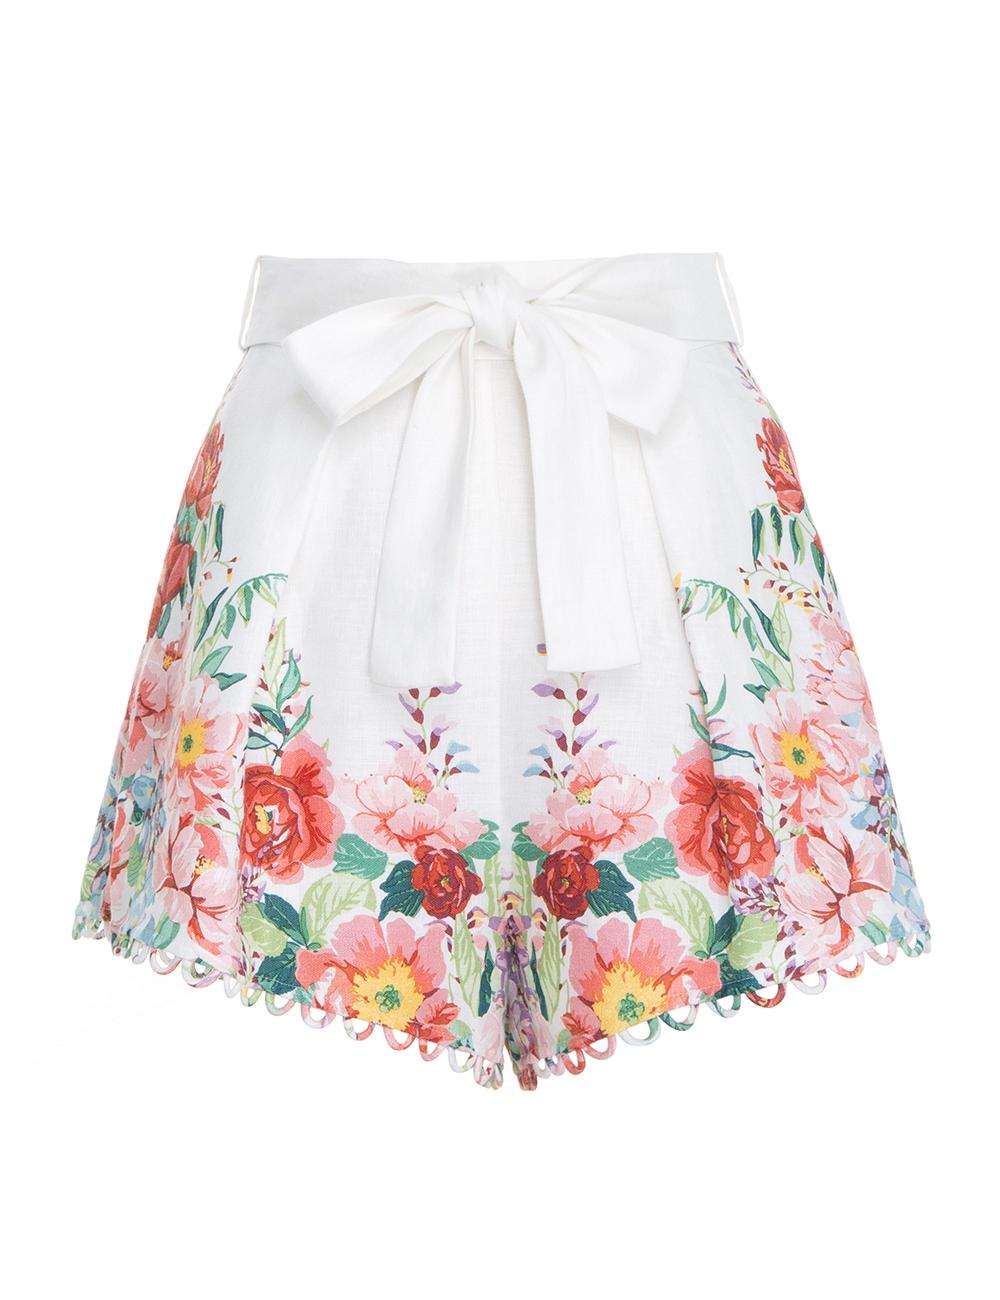 Bellitude Floral Short